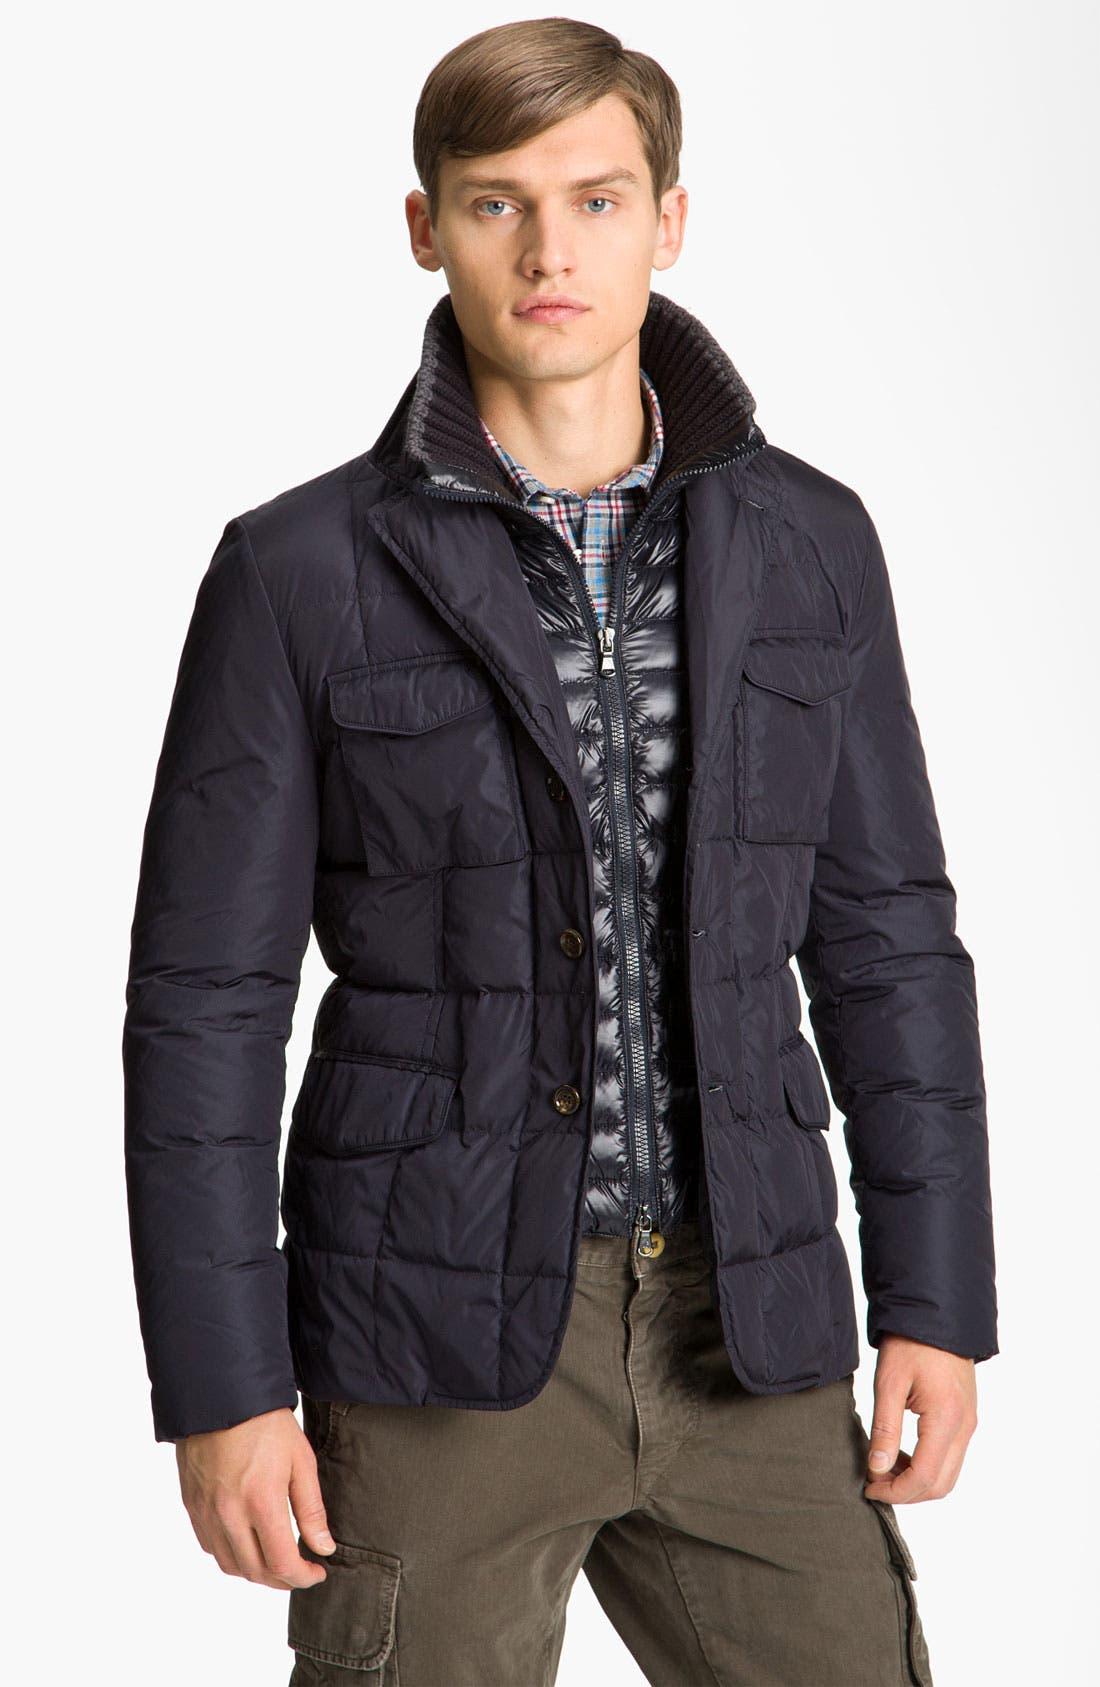 Alternate Image 1 Selected - Moncler 'Barbuda' Quilted Blazer Jacket